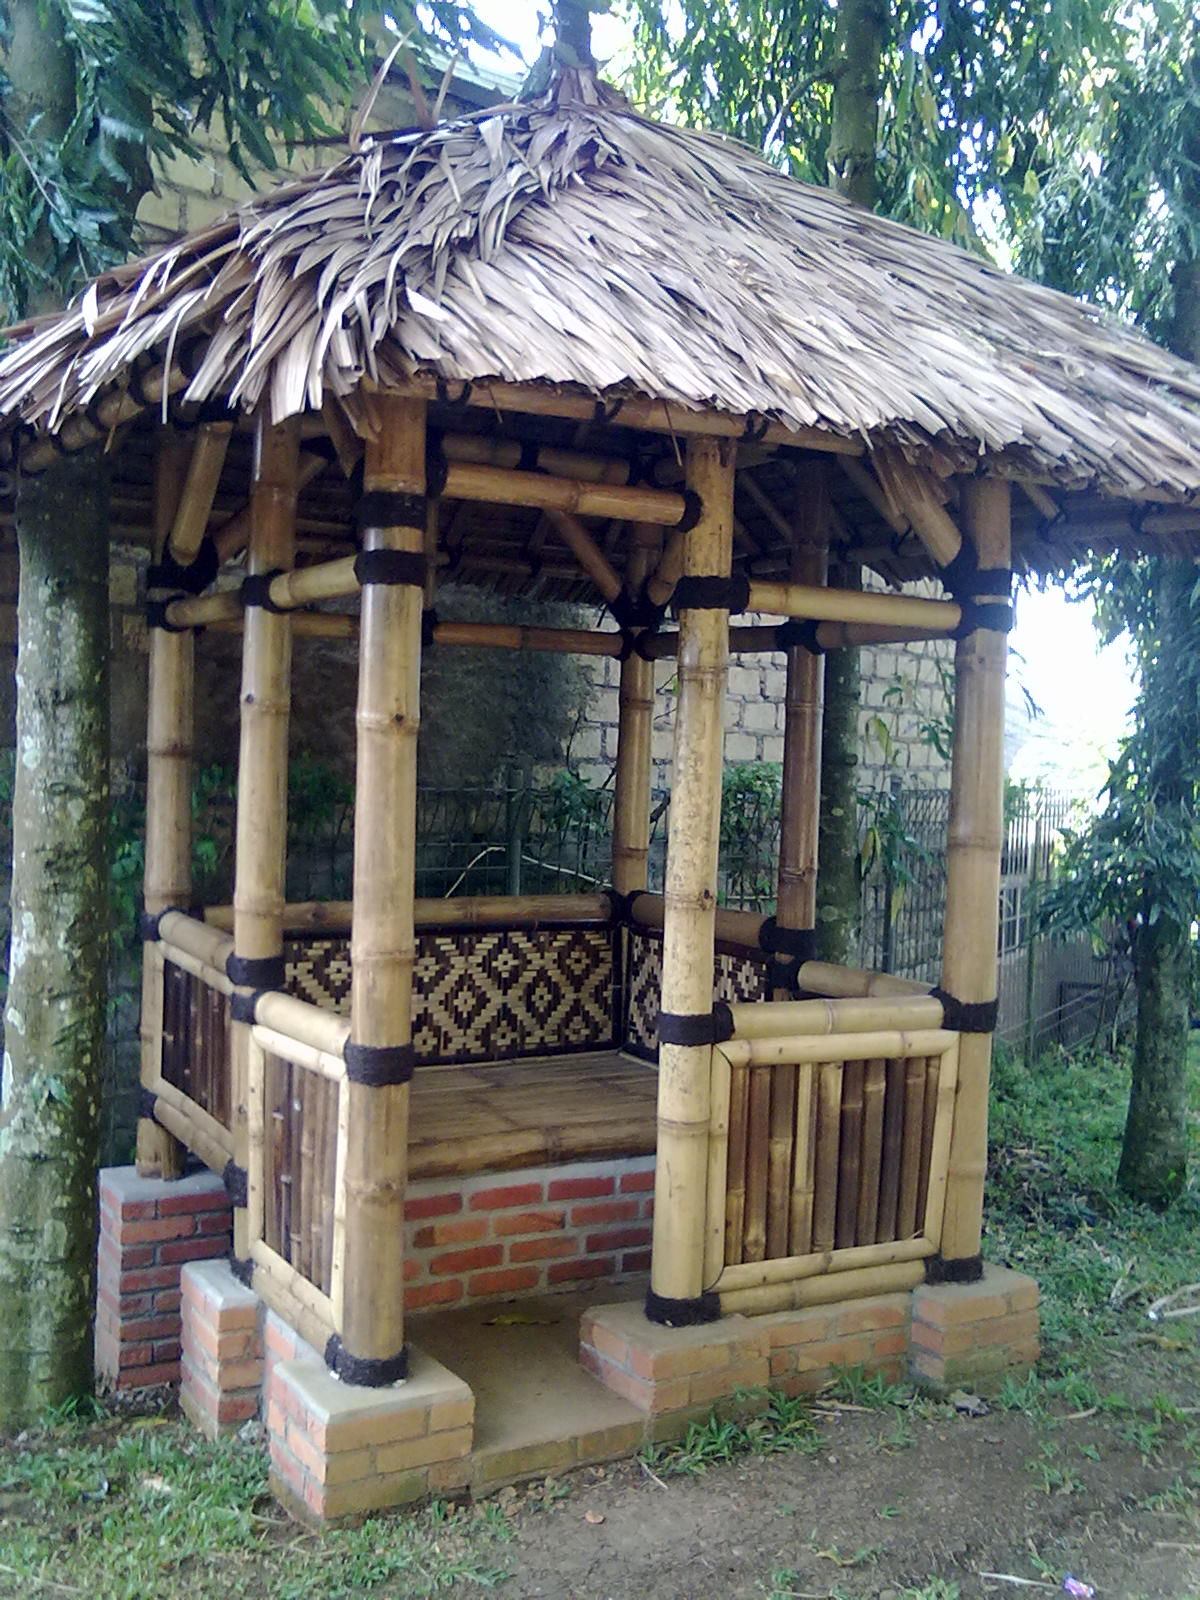 Produk kami 085727624224 jual gazebo bambu murah minimalis - Pergola bambu ...